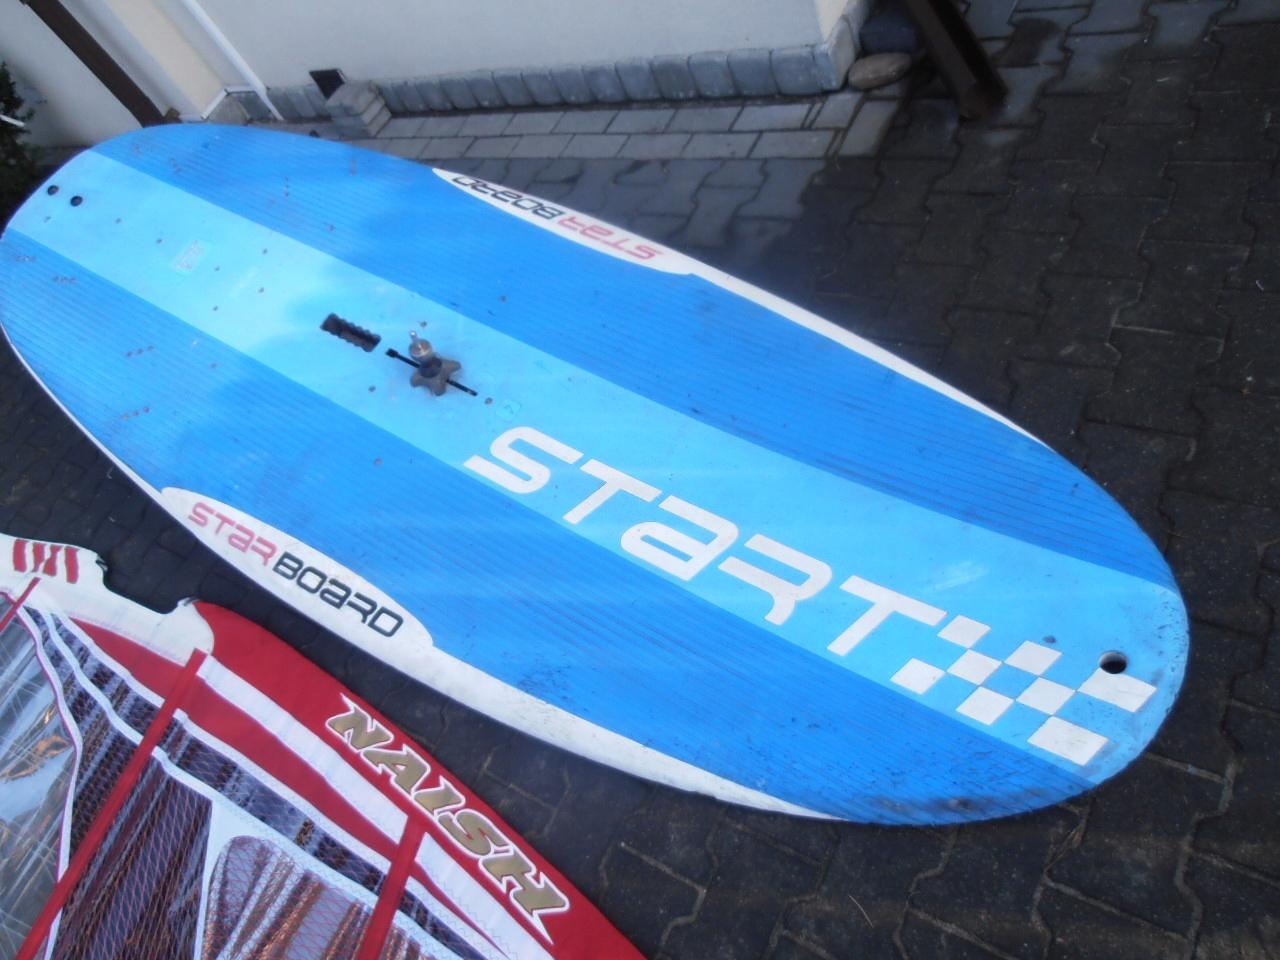 deska mieczowa starboard 280x100 cm.